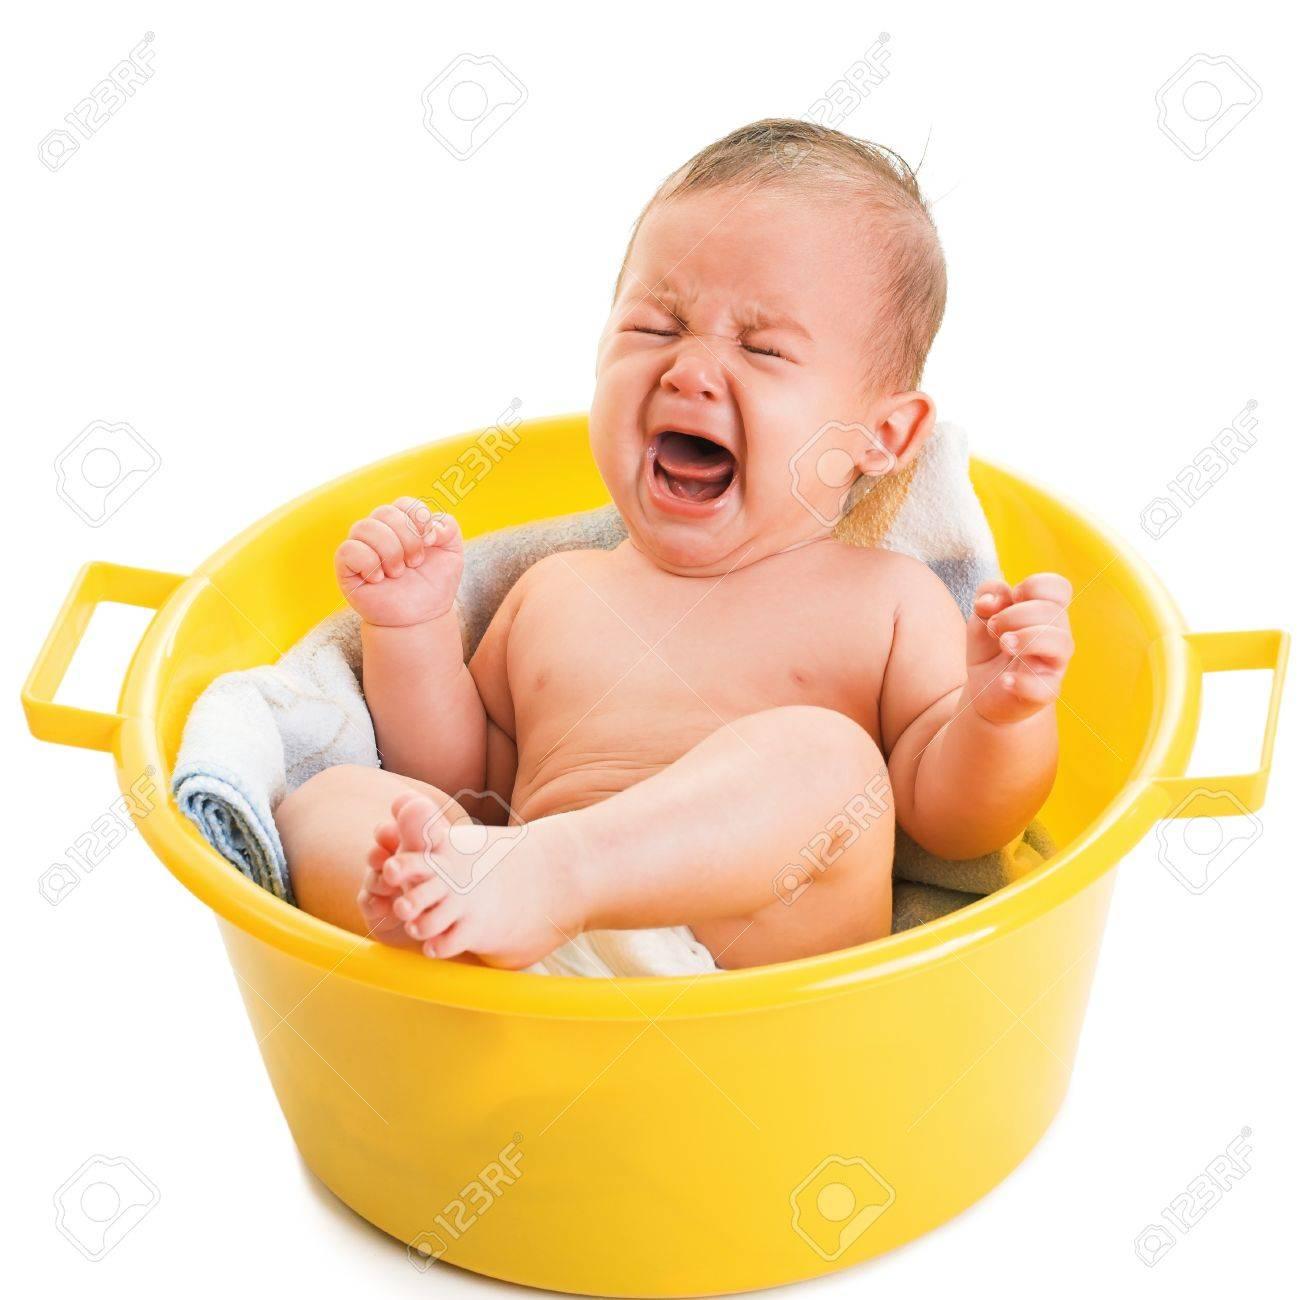 crying boy isolated on white - 18225130